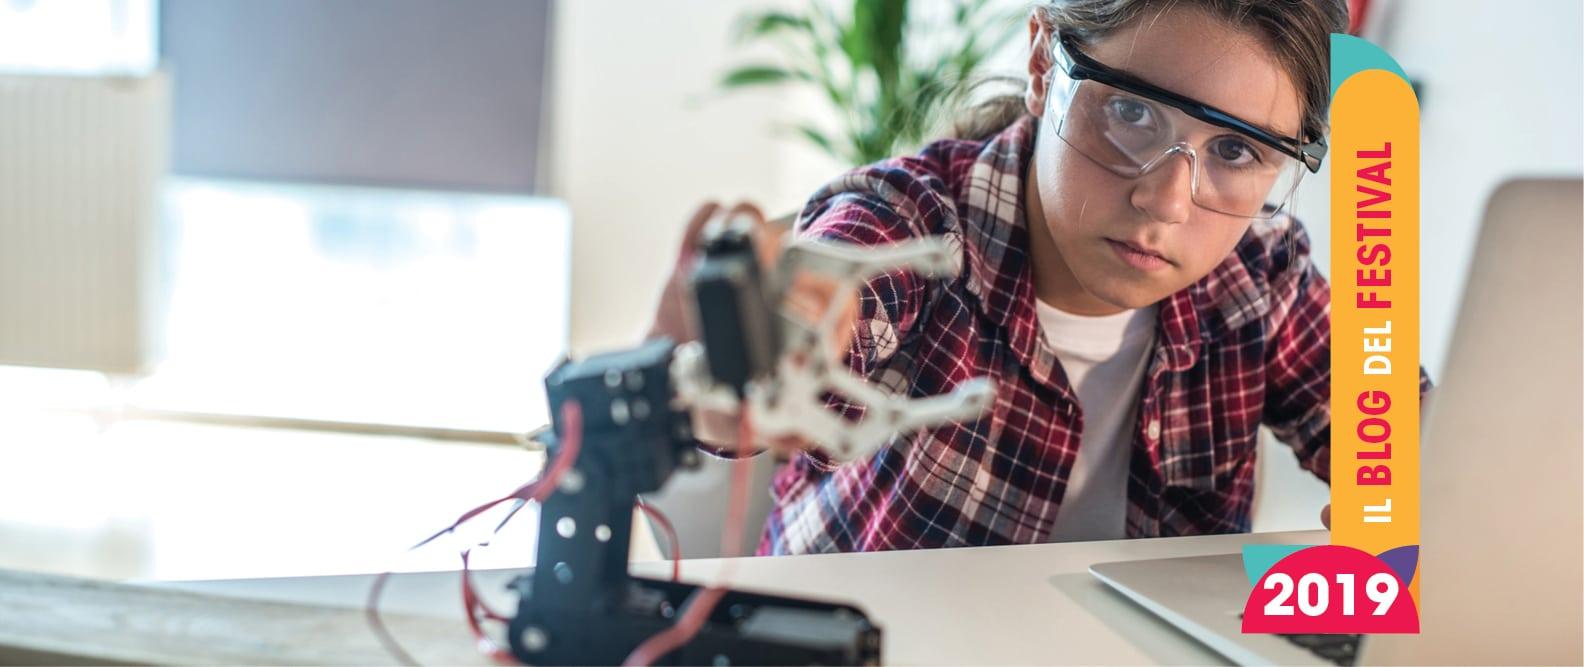 Coding e apprendimento creativo: le migliori risorse per imparare a programmare giocando